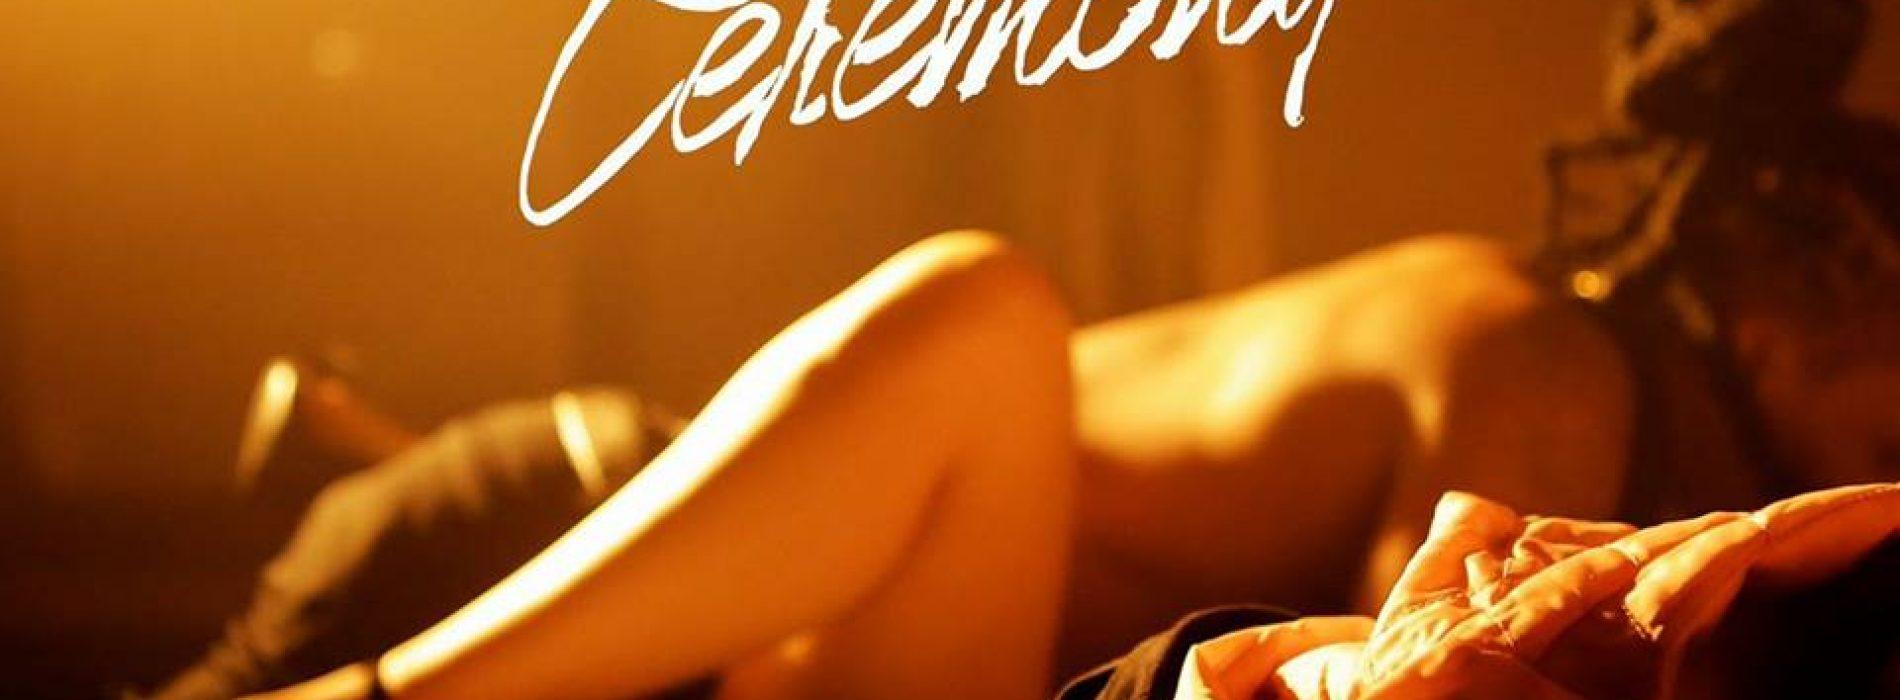 SAIK nous dévoile son dernier clip –» Sexual Cérémony» – Mai 2017